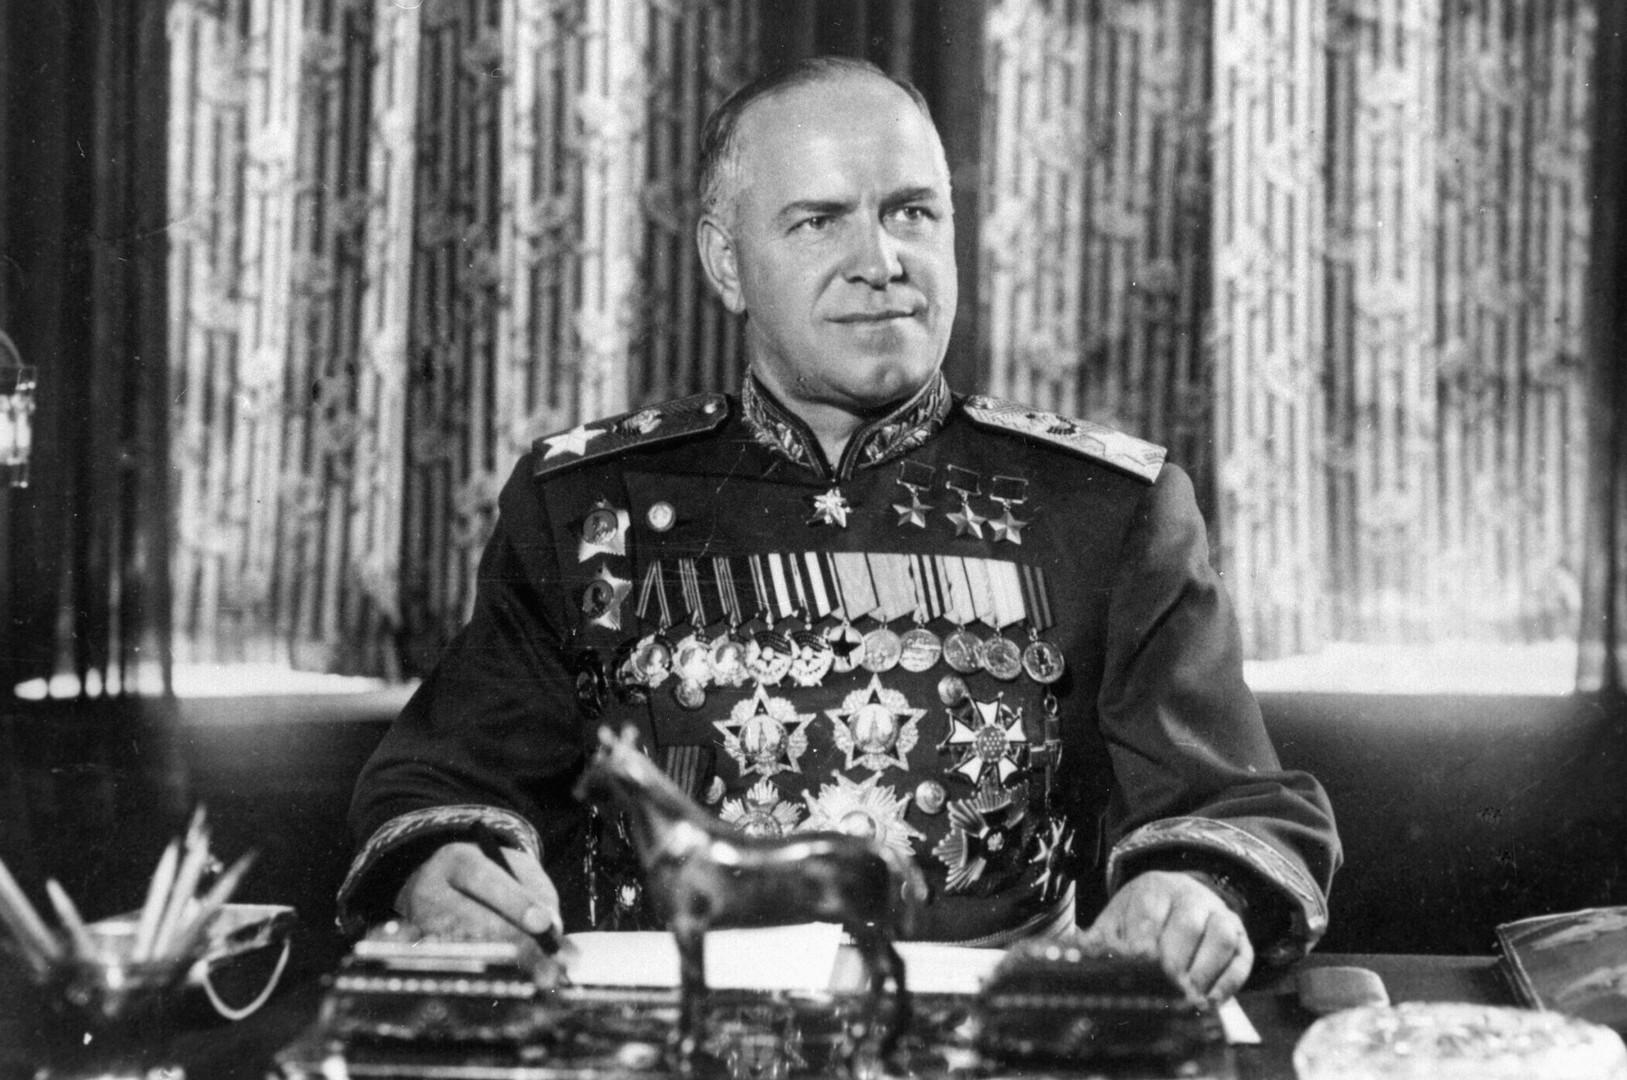 Тест RT: хорошо ли вы знаете полководцев Победы?